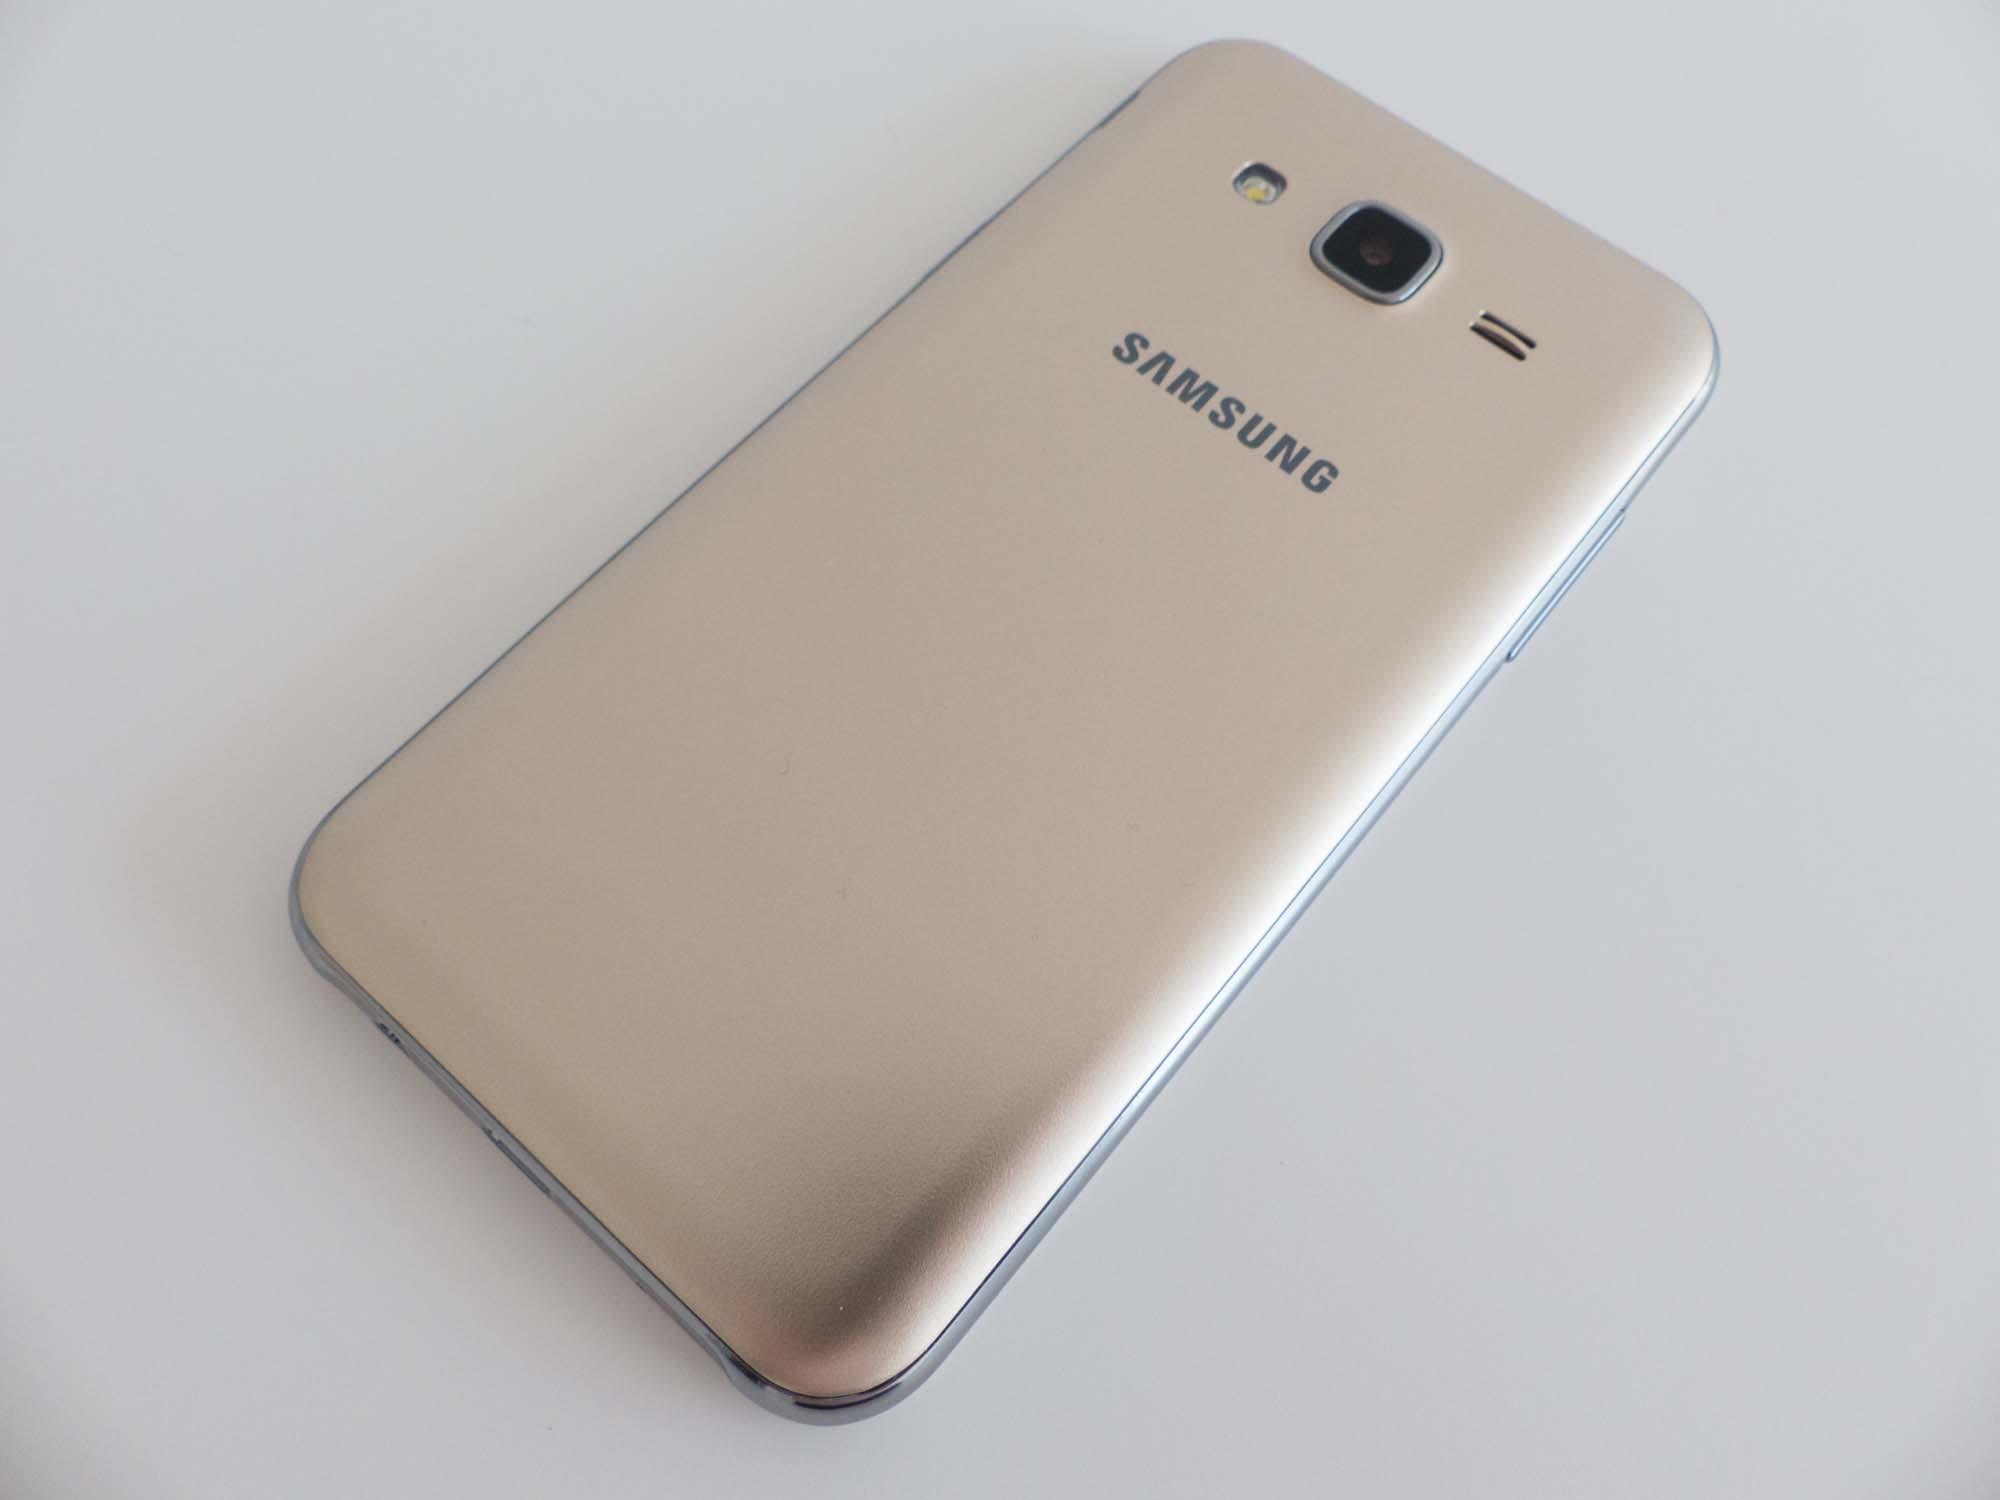 Wyświetlacz – ocena 2 Galaxy J1 i ocena 5 Galaxy J5